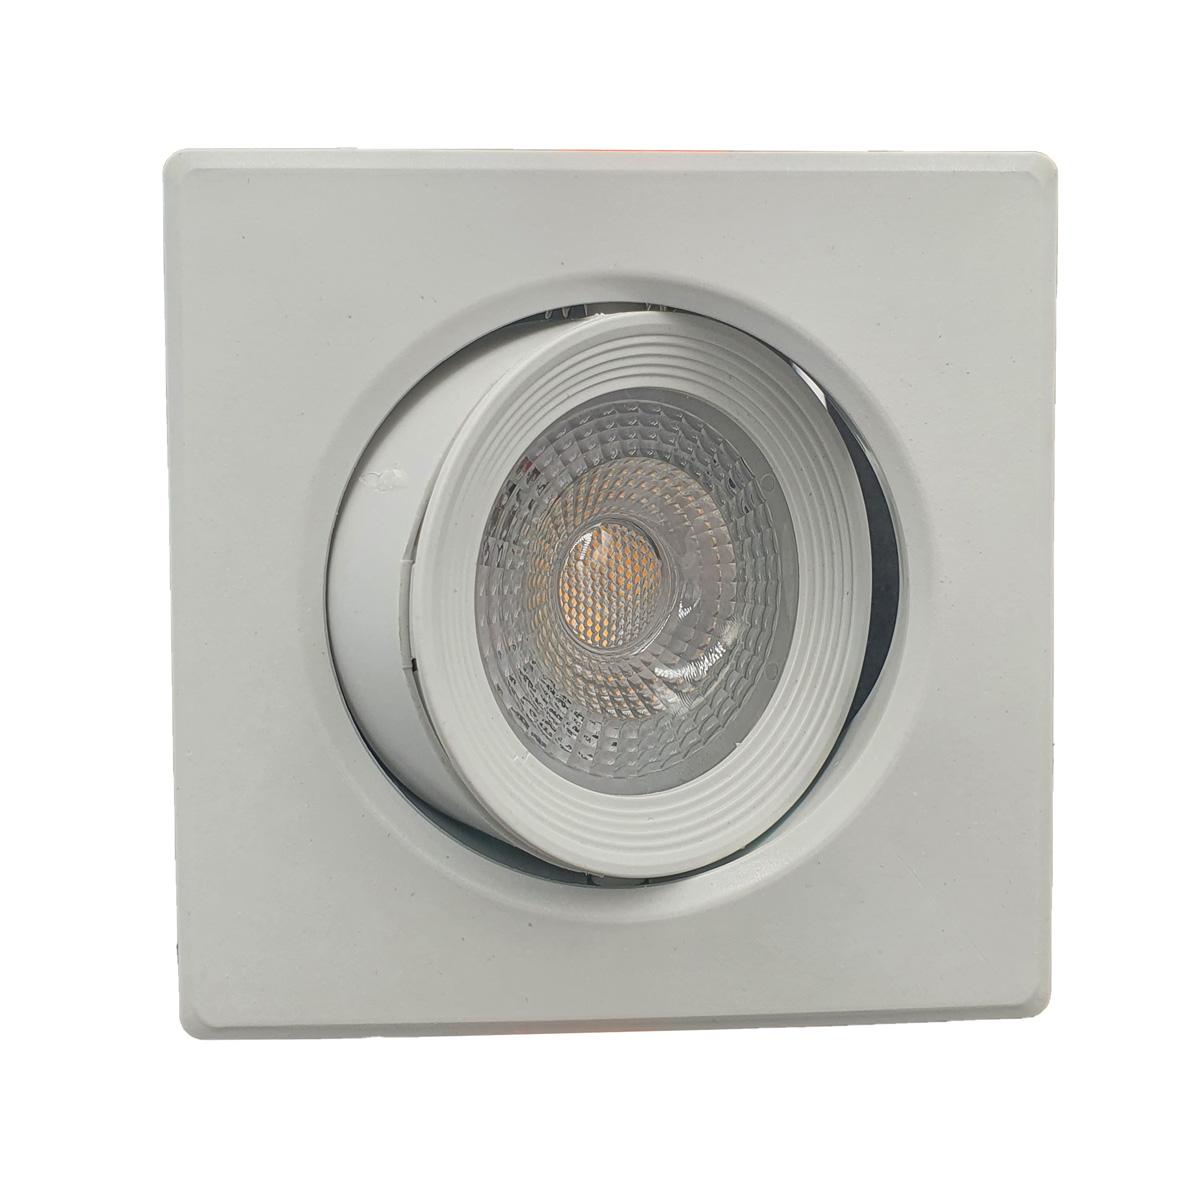 Kit 10 Spots LED SMD 5w Dicróica Direcionável Quadrado Forte Luz Fria 6500K